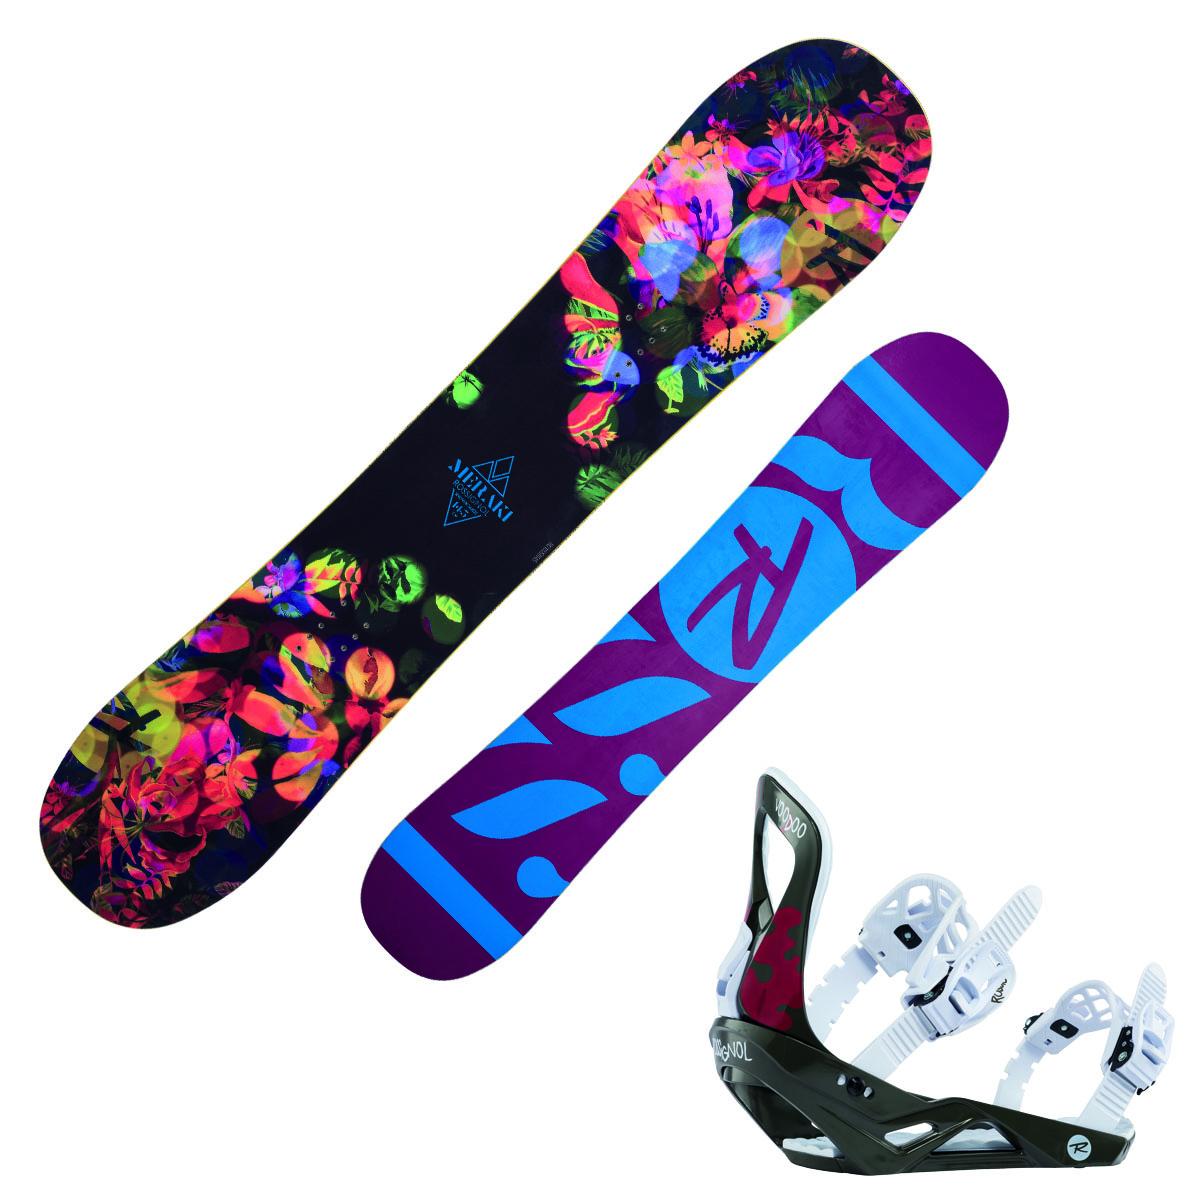 Snowboard Rossignol Meraki + attacchi Voodoo S/M (Colore: fantasia, Taglia: 150)